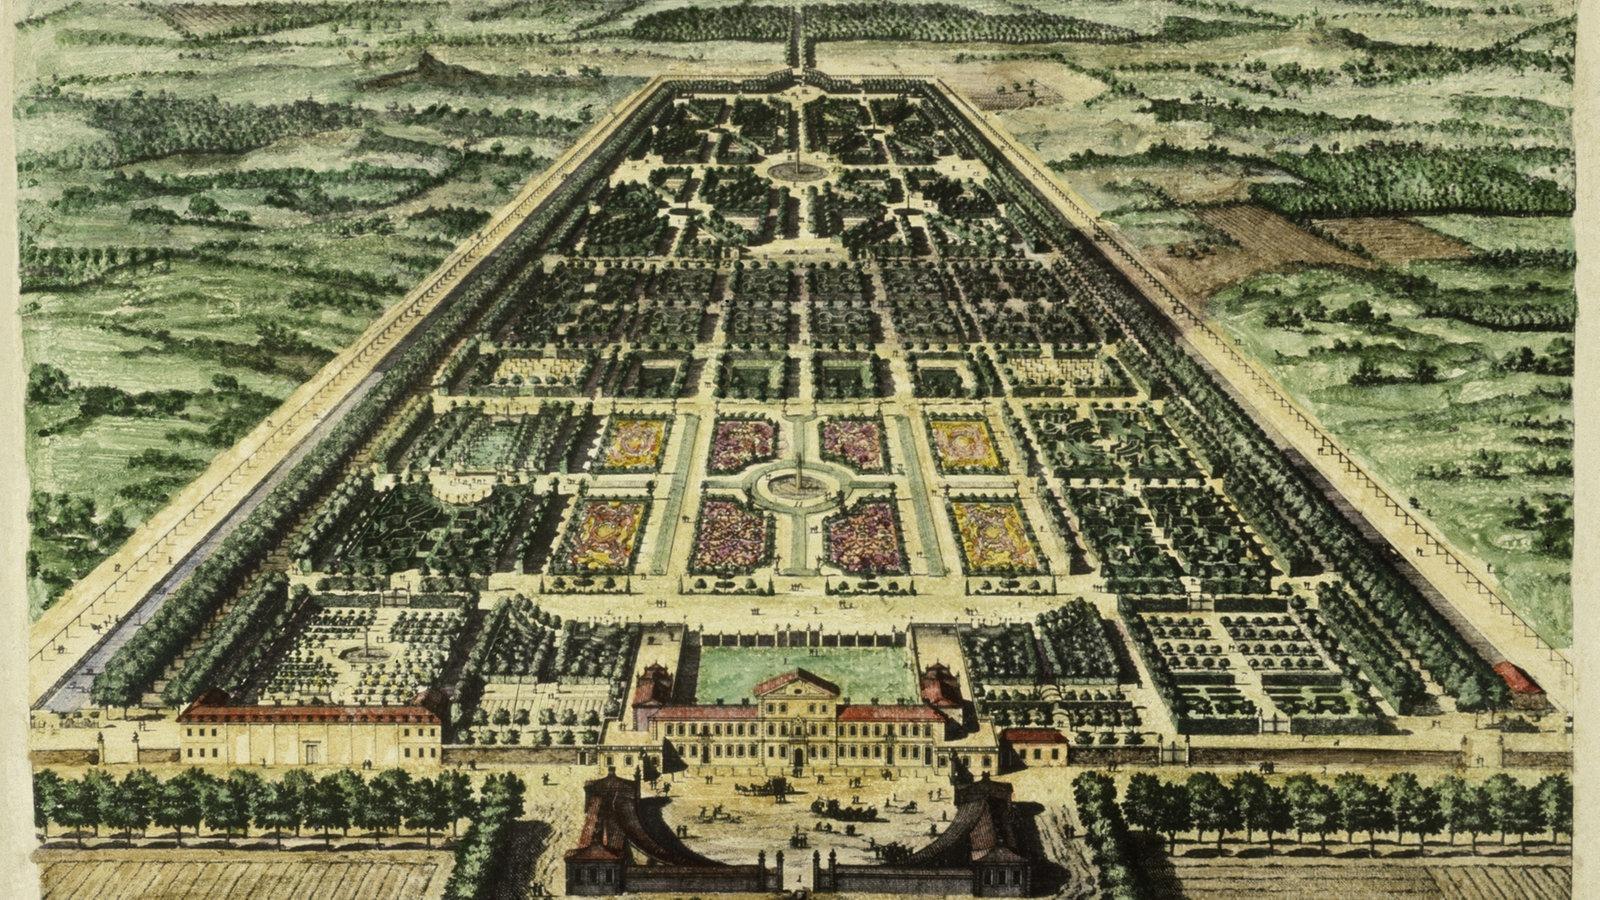 Barock: Gartenarchitekt - Neuzeit - Geschichte - Planet Wissen